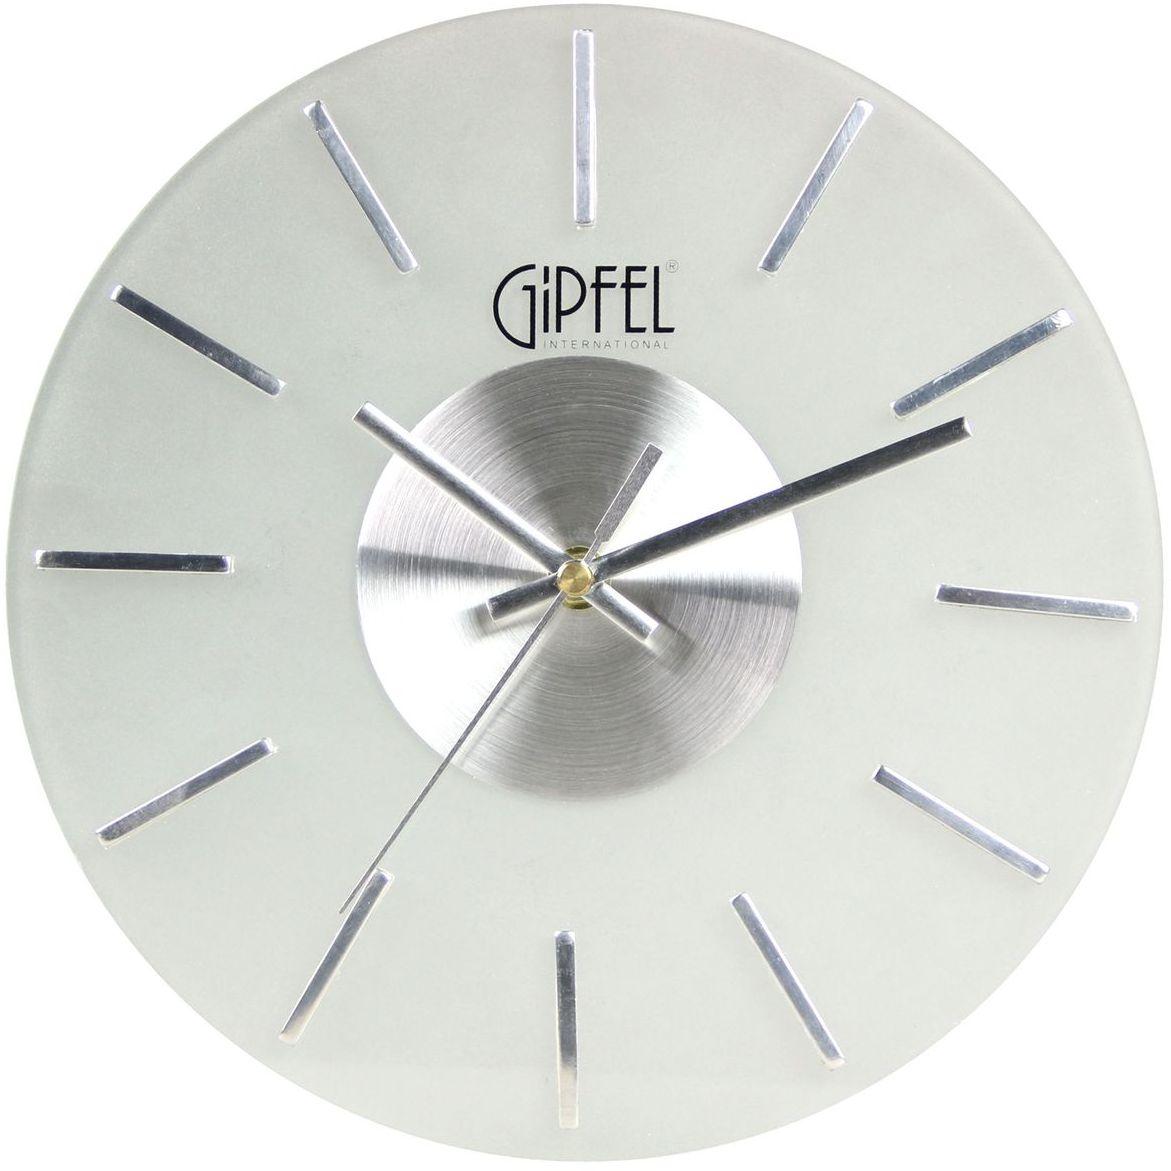 Часы настенные Gipfel Sonata5681Часы настенные Gipfel Sonata - это элегантный и неотъемлемый элемент дизайна любого помещения. Корпус кварцевых часов выполнен изстекла и металла, который гарантирует не только их легкость, но и практичность, легкий монтаж и уход. Размеры: 25,5 см ? 25,5 см ? 3,5 см